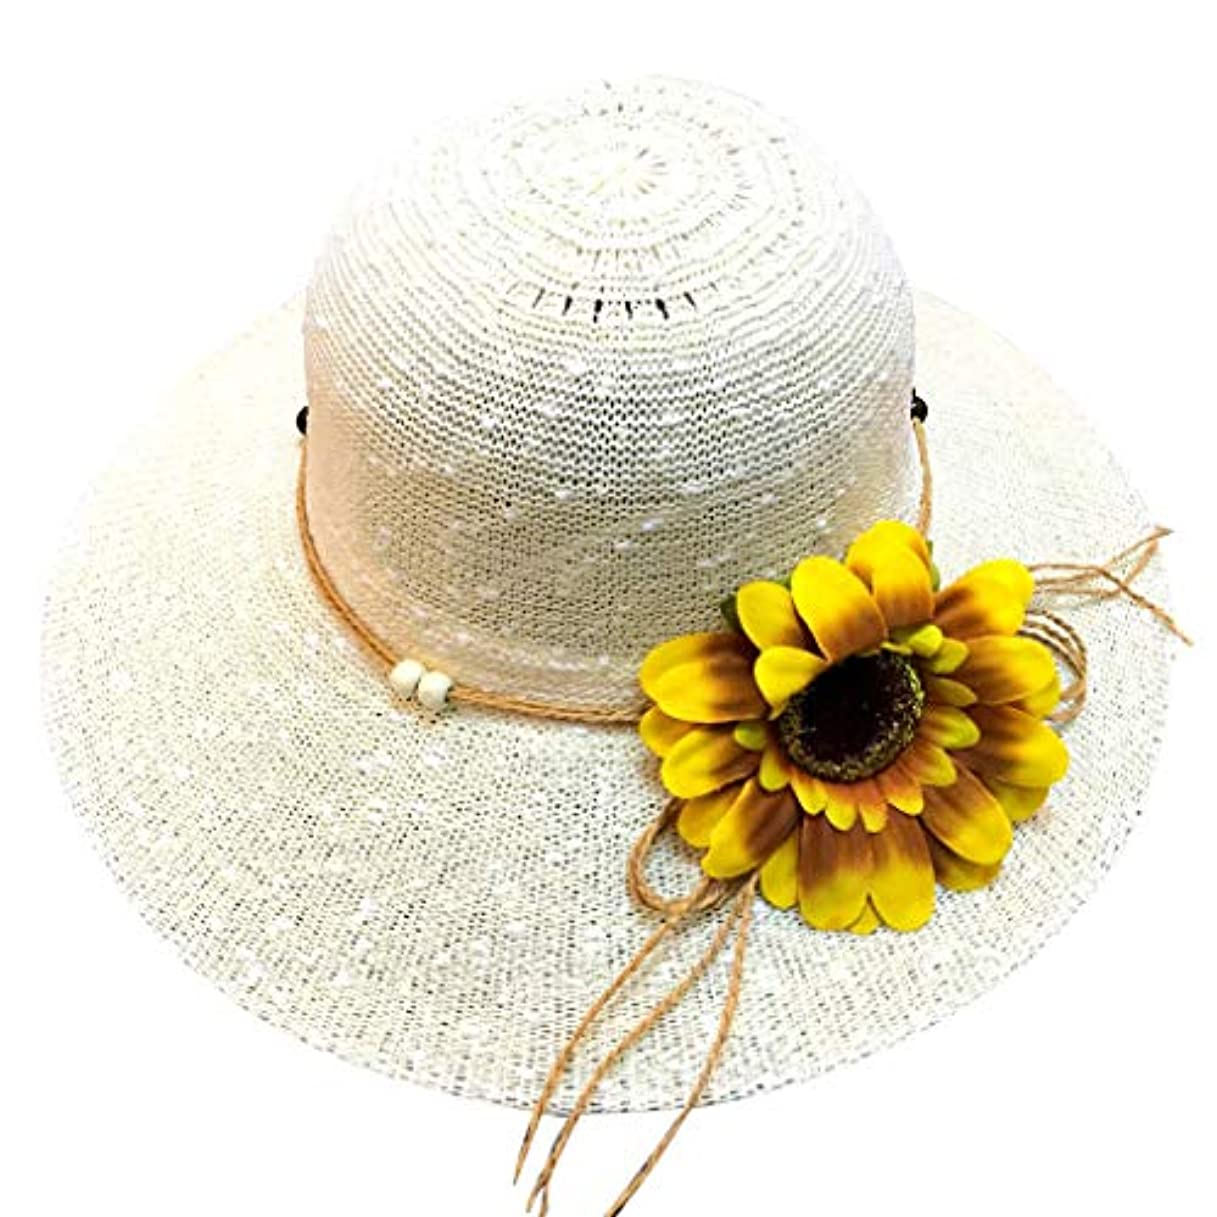 マイクロプロセッサ更新特別な帽子 レディース アウトドア 夏 春 UVカット 帽子 ハット 漁師帽 日焼け防止 つば広 紫外線対策 大きいサイズ ひまわり 可愛い ハット 旅行用 日よけ 夏季 ビーチ 無地 ハット レディース 女性 ROSE ROMAN